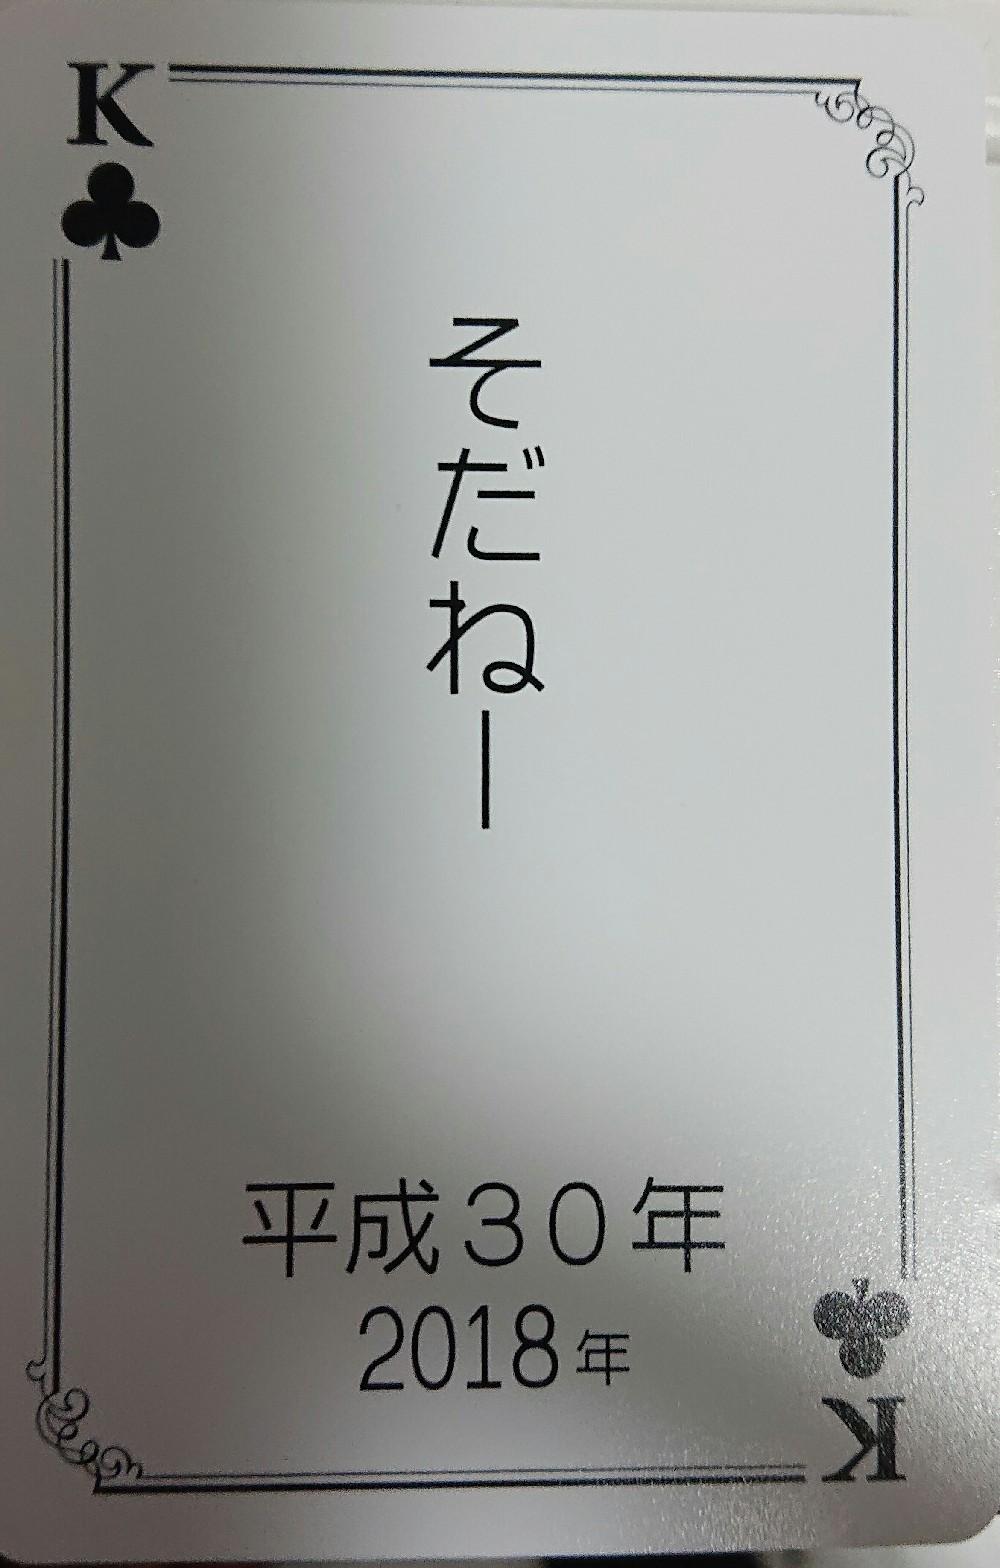 20190704175403004.jpg